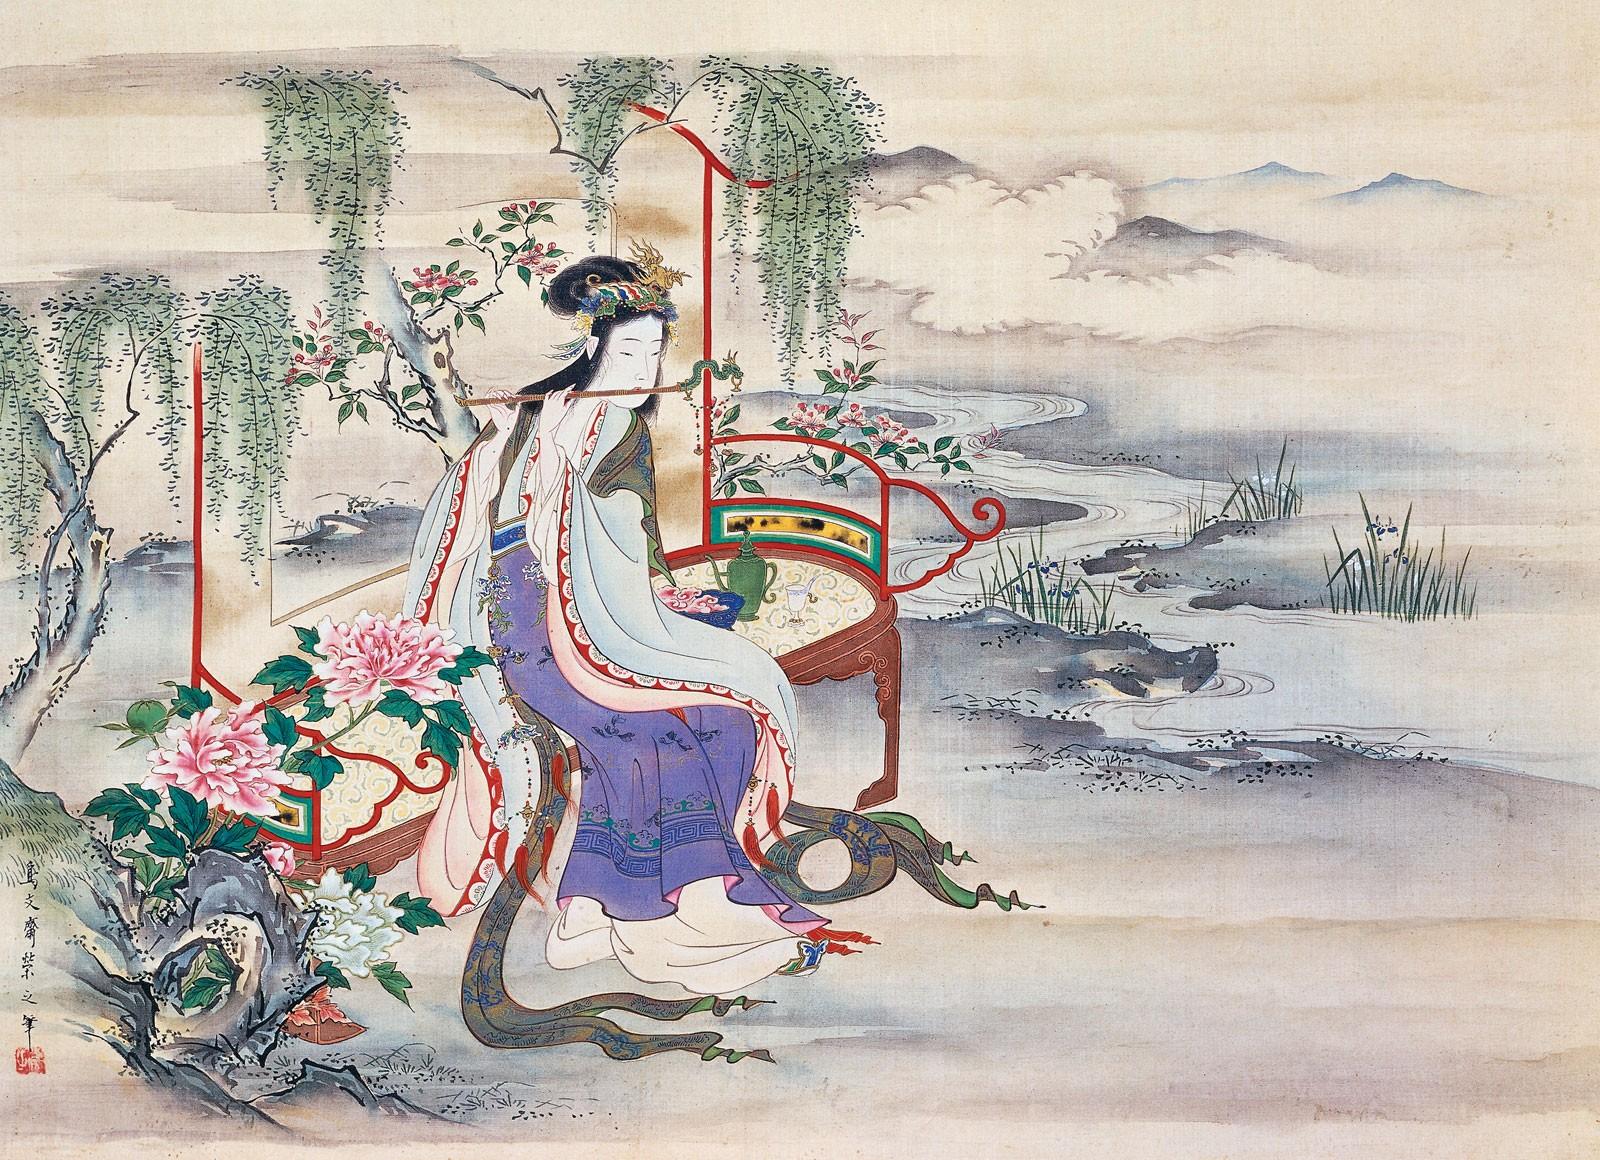 Masaustu Boyama Illustrasyon Resim Geleneksel Giyim Sanat